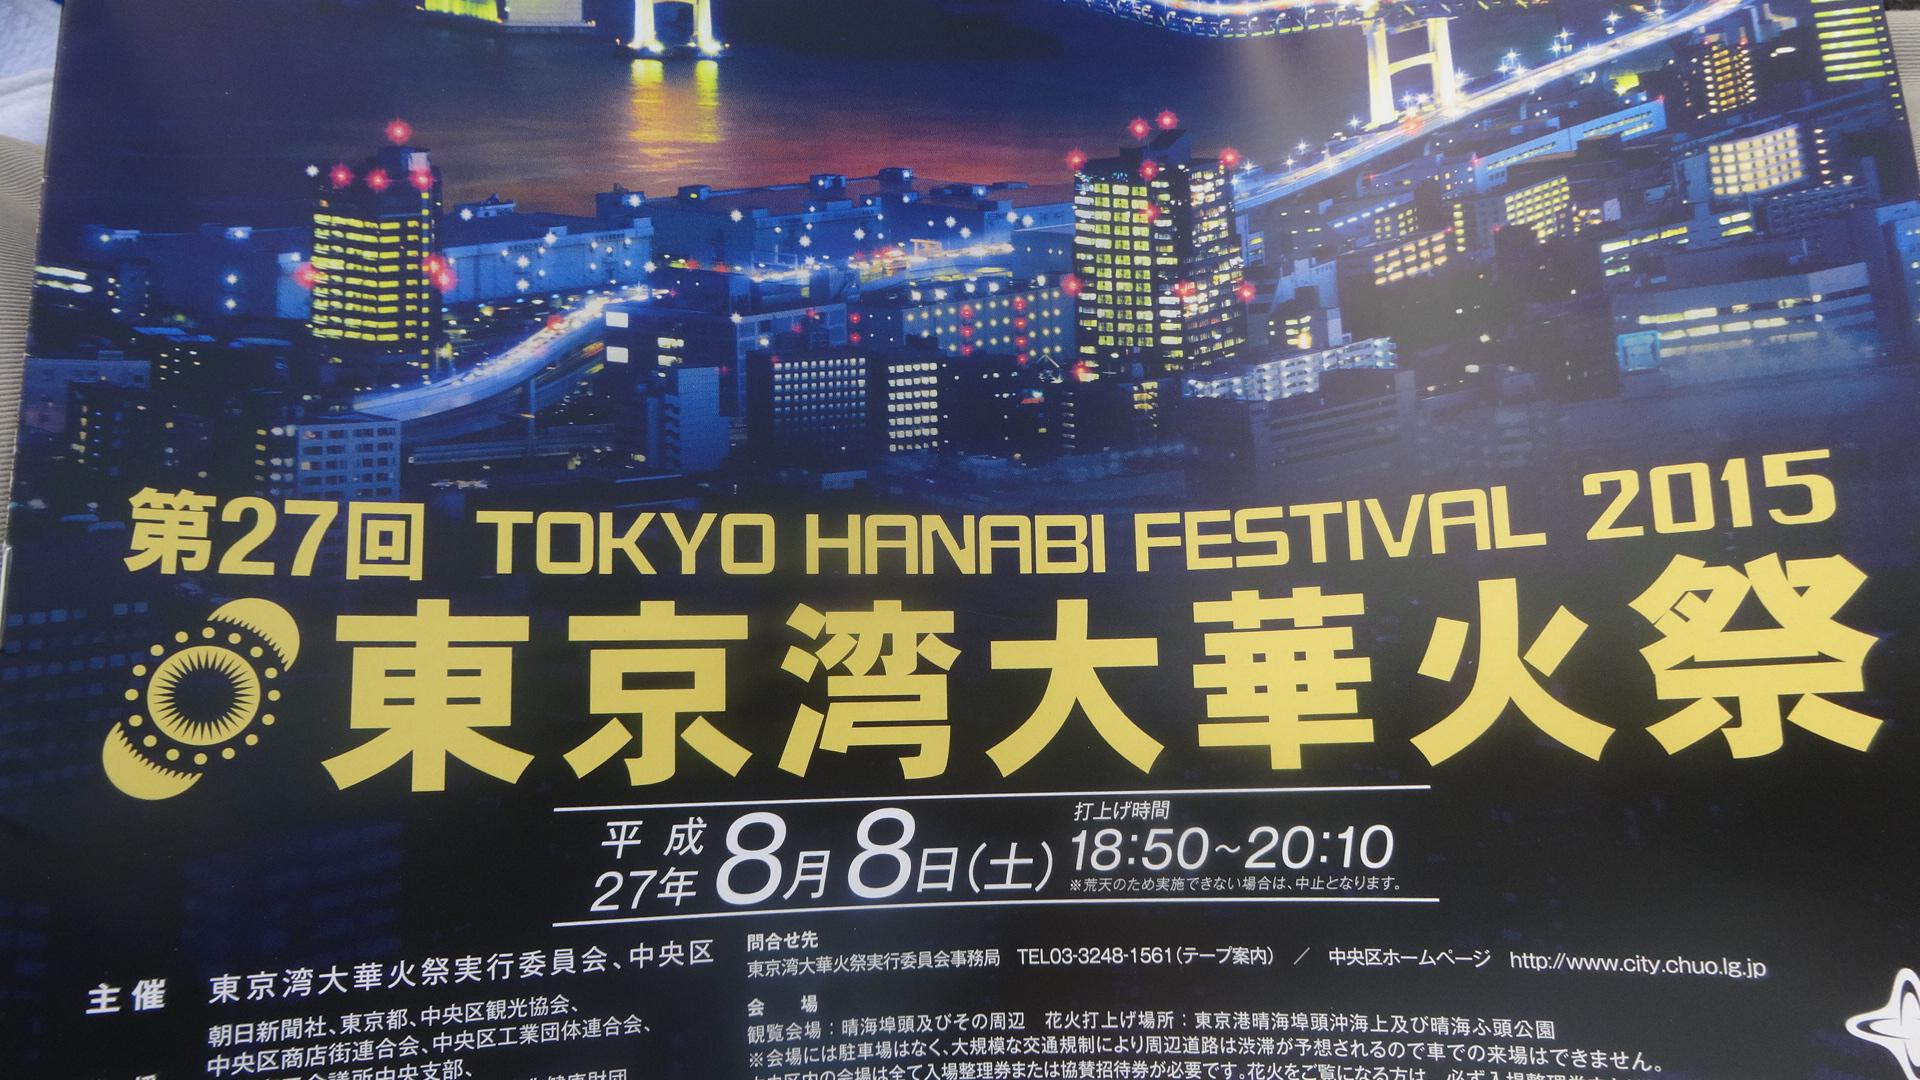 東京湾大華火祭のポスター